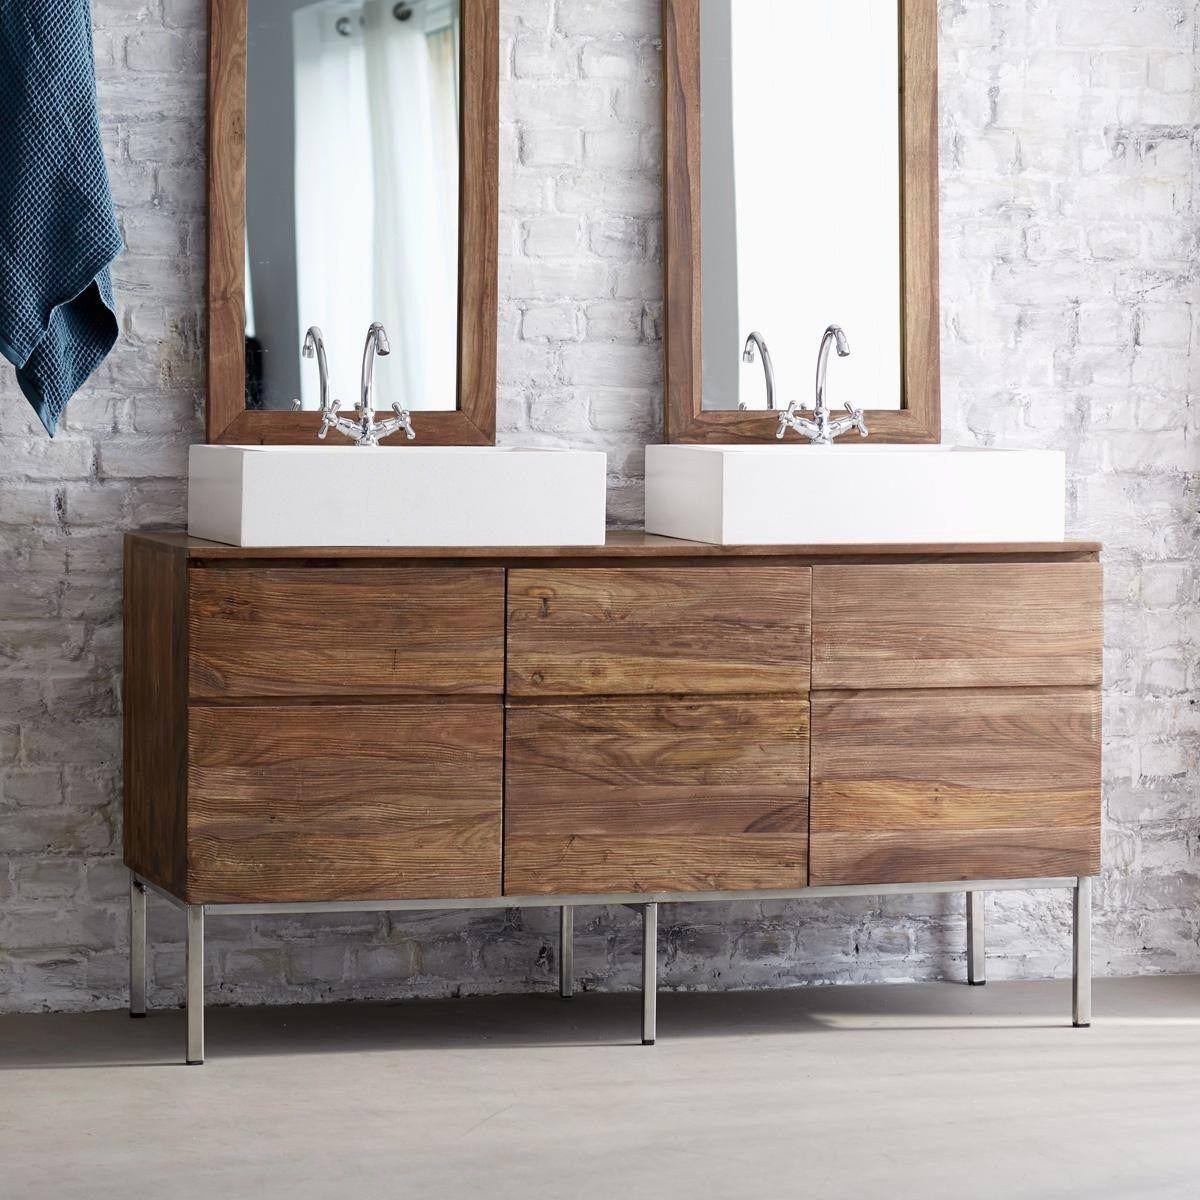 9 Bad Unterschrank Holz Bad Unterschrank Mit Waschbecken Mitrank